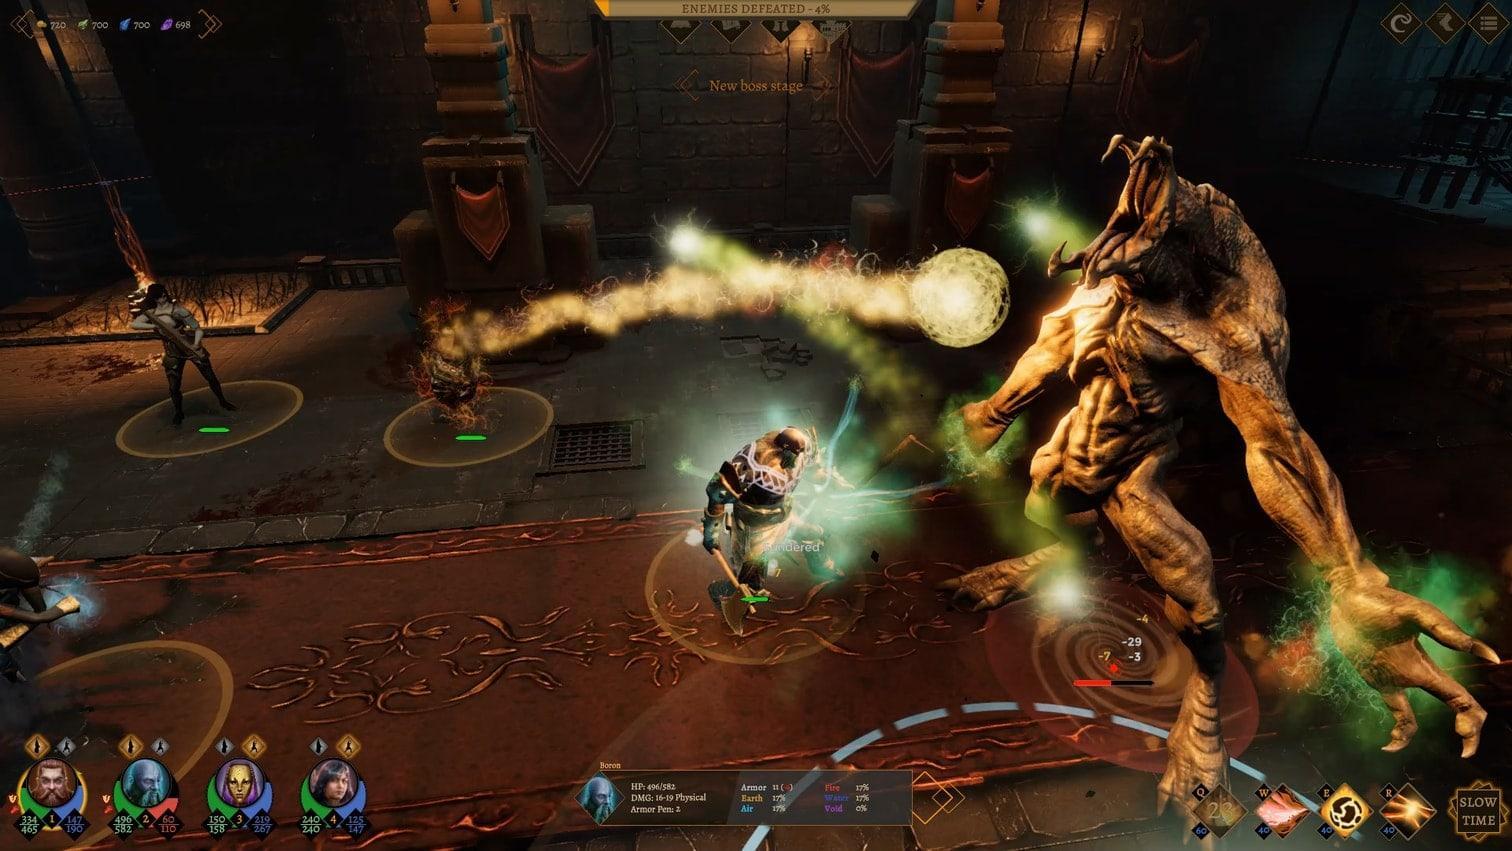 """<h3>Warhammer: Vermintide 2 (<a href=""""http://store.steampowered.com/app/552500/Warhammer_Vermintide_2/"""" target=""""_blank"""">Link zur Steam-Seite</a>)</h3>"""